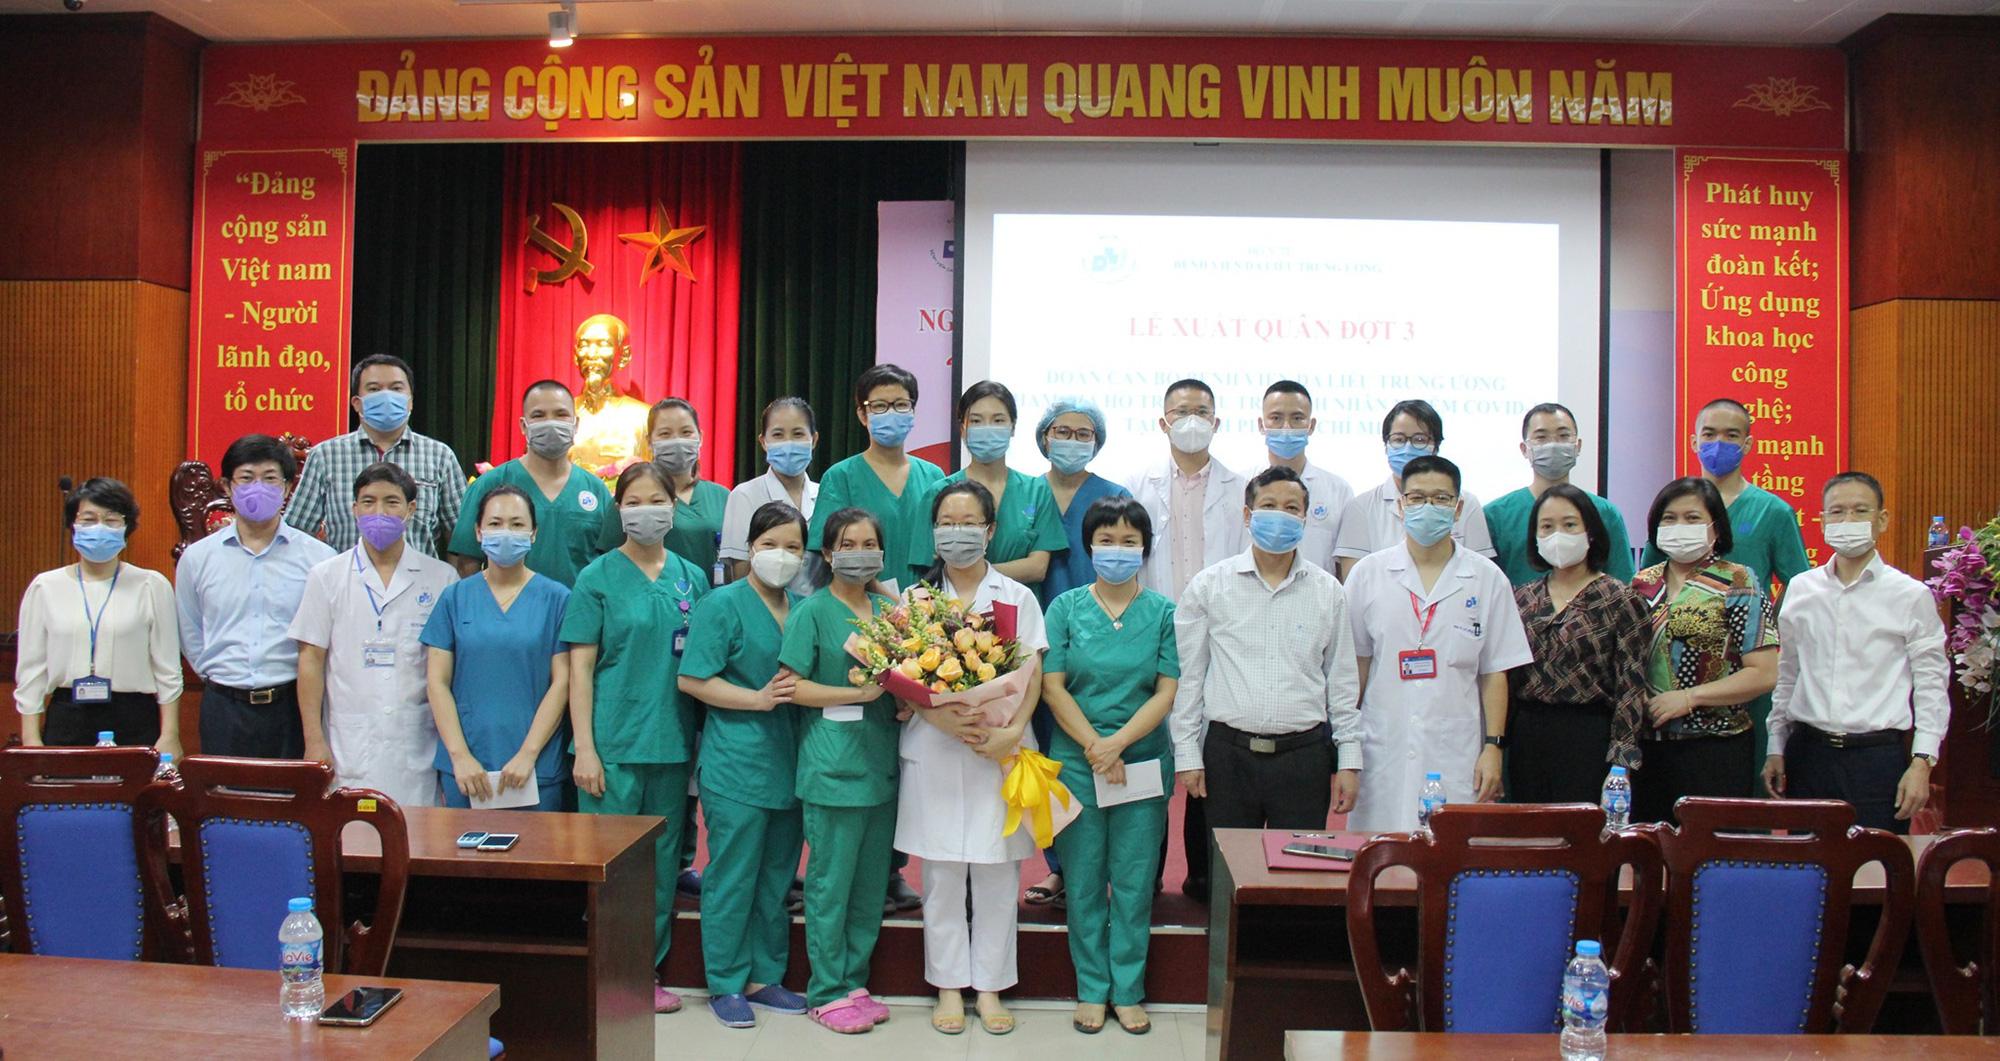 Lần thứ 3, thầy thuốc BV Da liễu Trung ương chi viện miền Nam chống dịch - Ảnh 2.